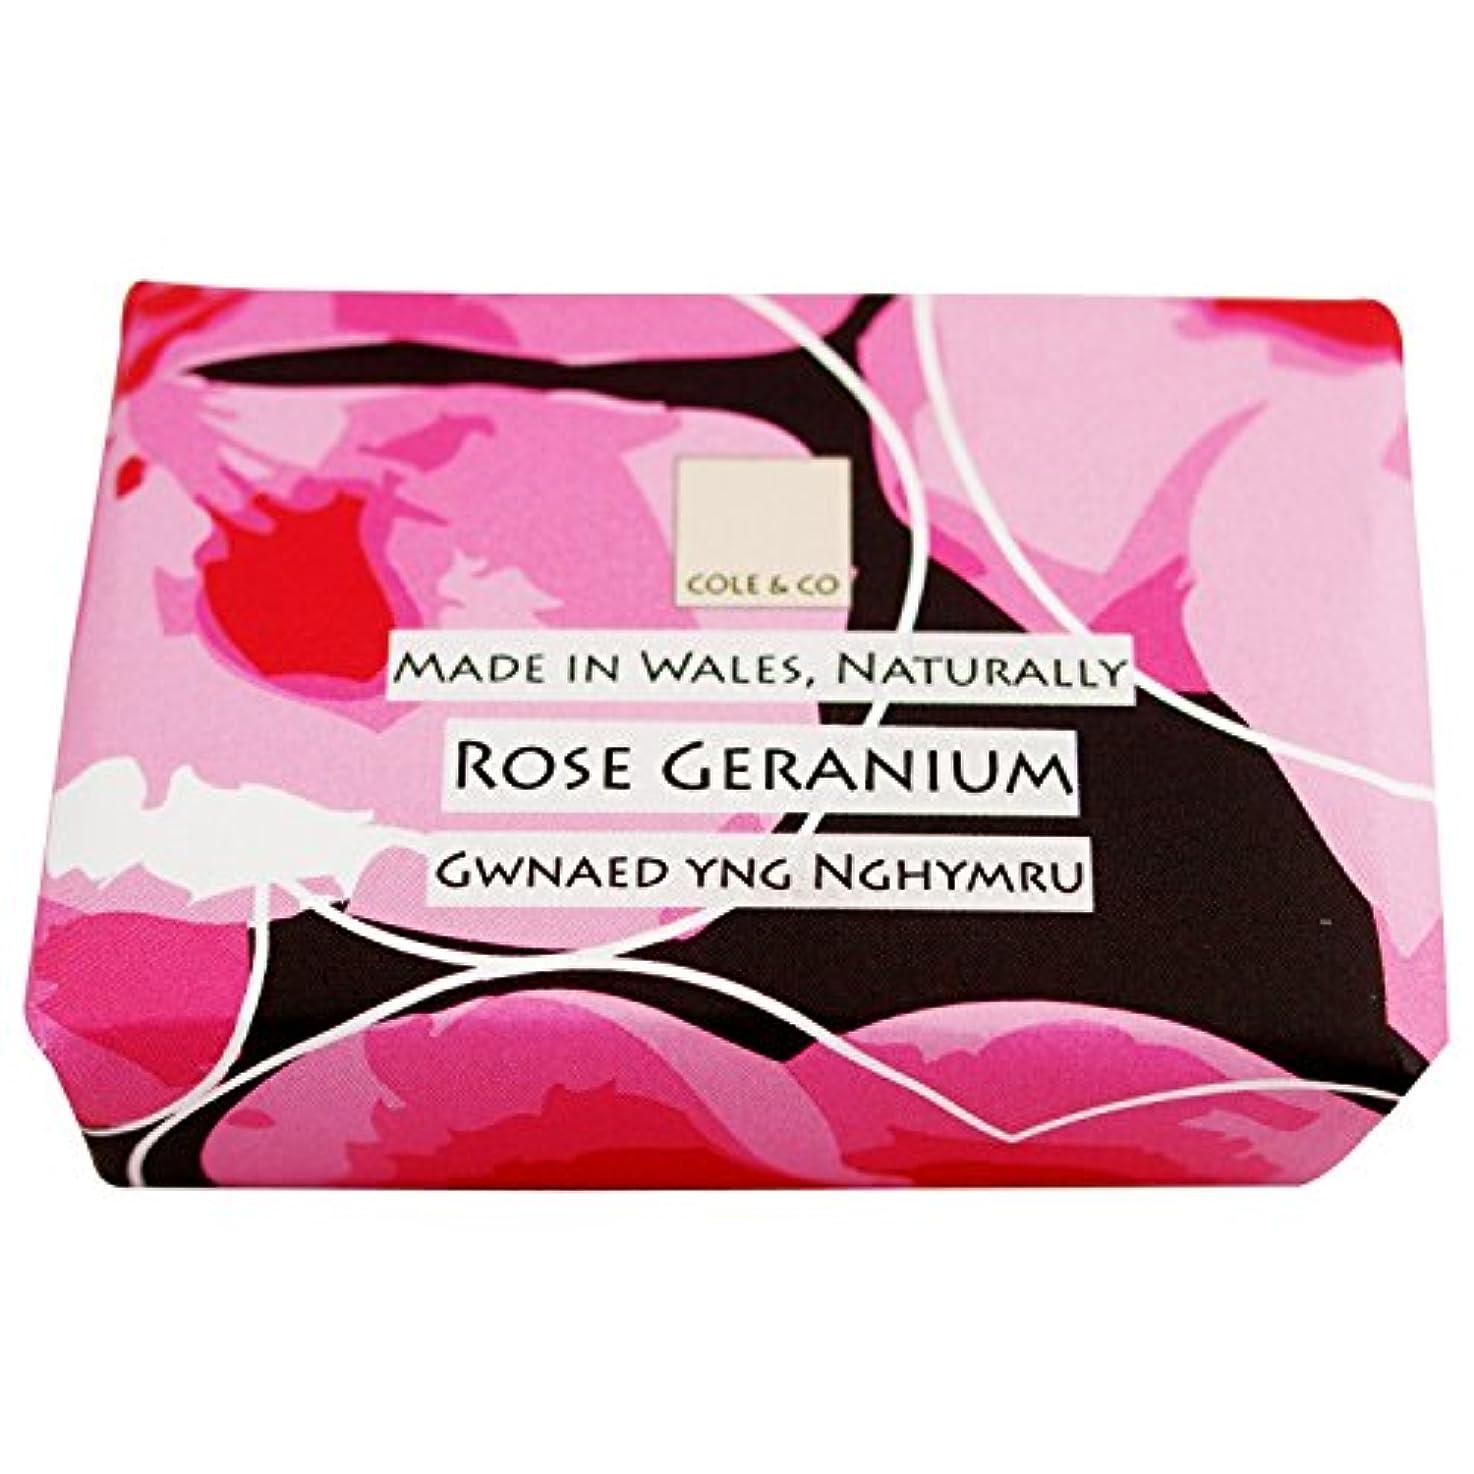 薬理学ペインギリック広範囲にコール&Coはゼラニウム石鹸80グラムのバラ (Cole & Co) - Cole & Co Rose Geranium Soap 80g [並行輸入品]